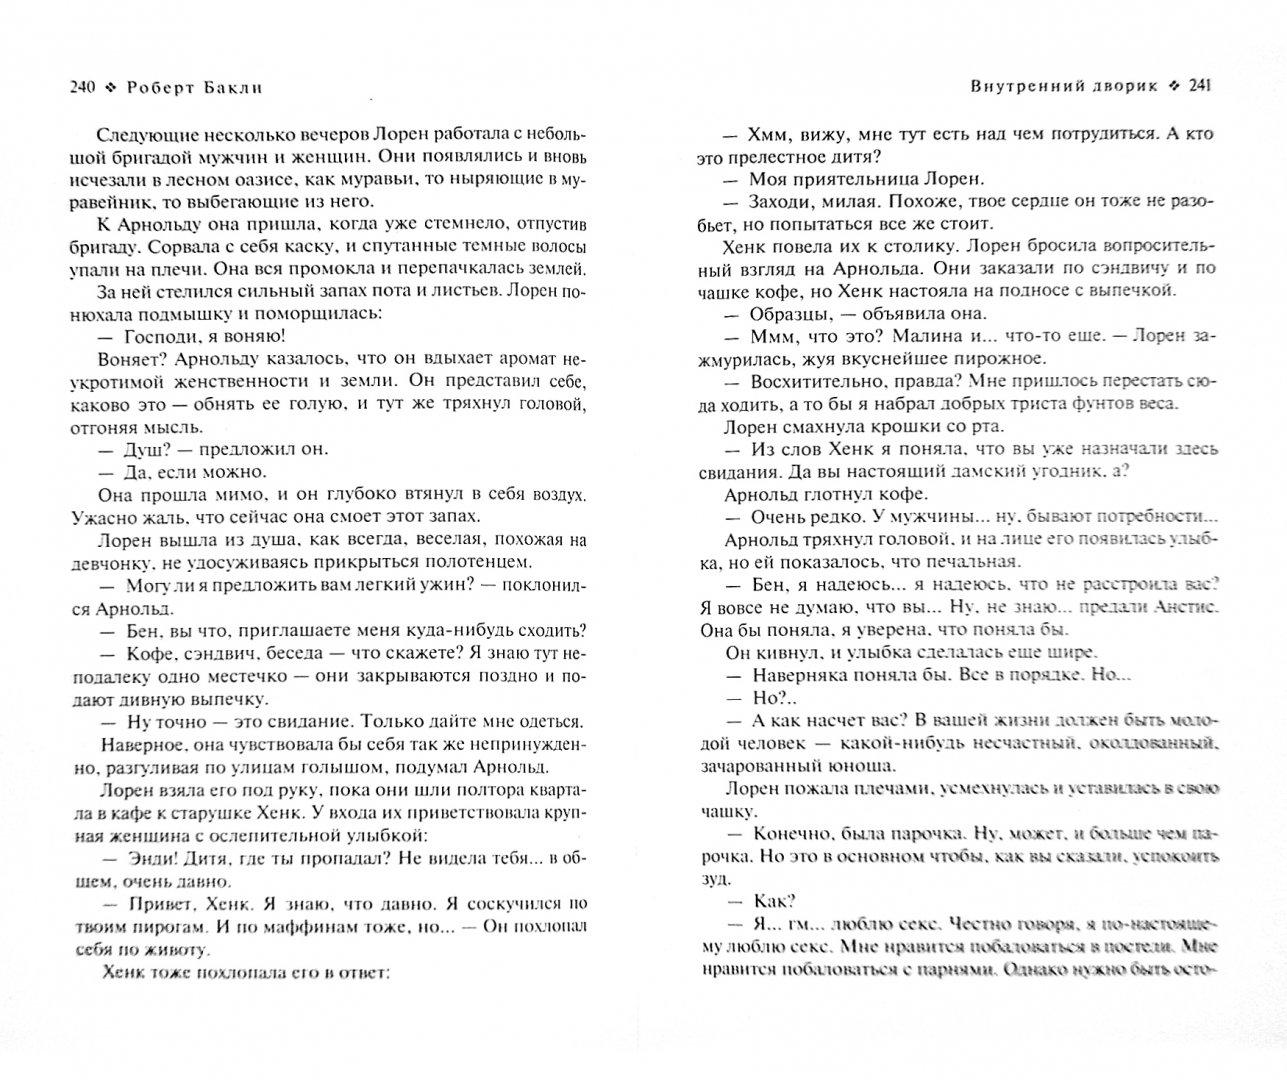 Иллюстрация 1 из 29 для Голос страсти. Лучшие эротические новеллы | Лабиринт - книги. Источник: Лабиринт